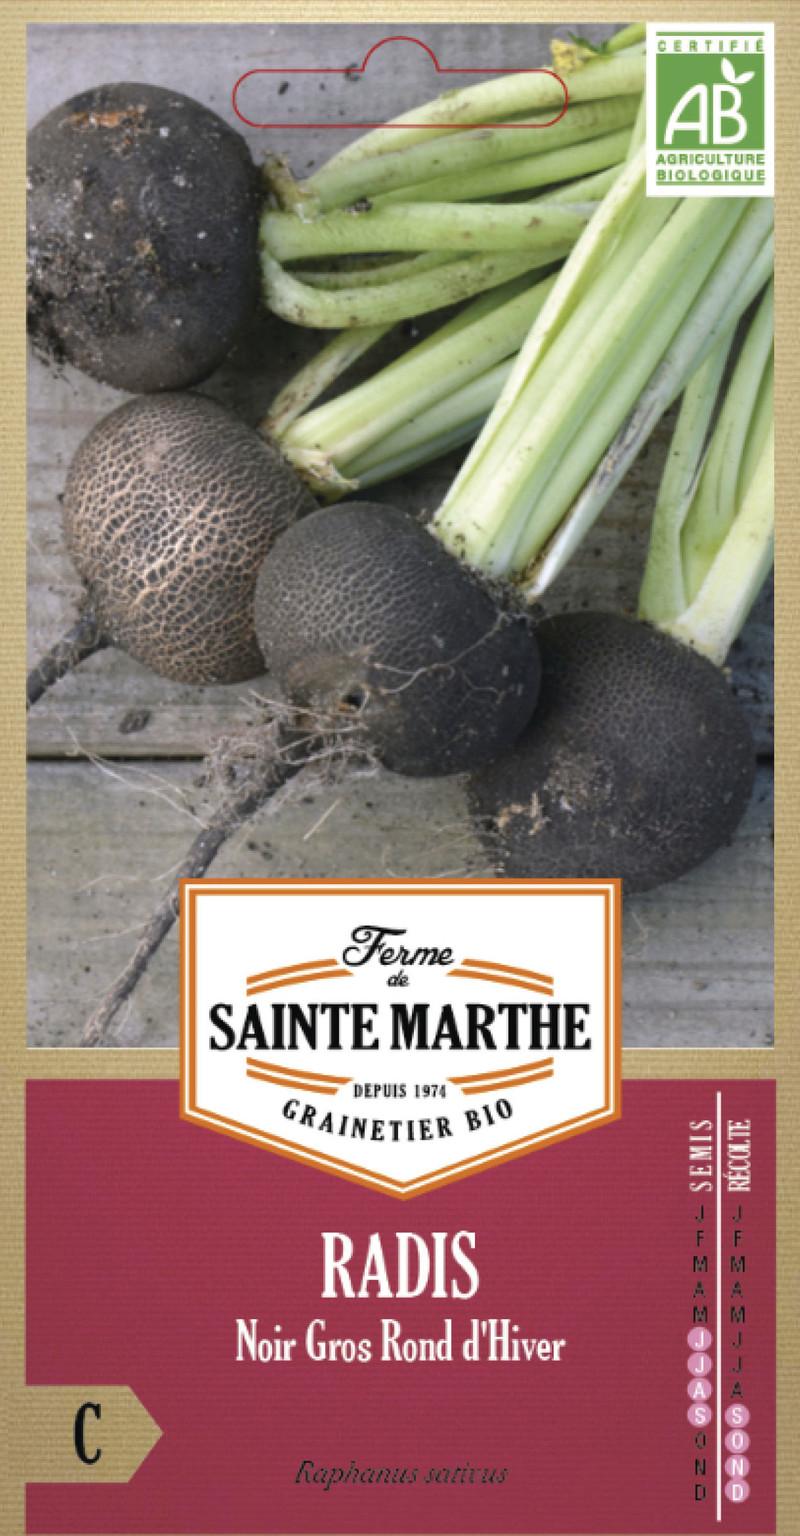 radis noir gros rond d'hiver bio ferme de sainte marthe graine semence potager sachet semis - Voir en grand